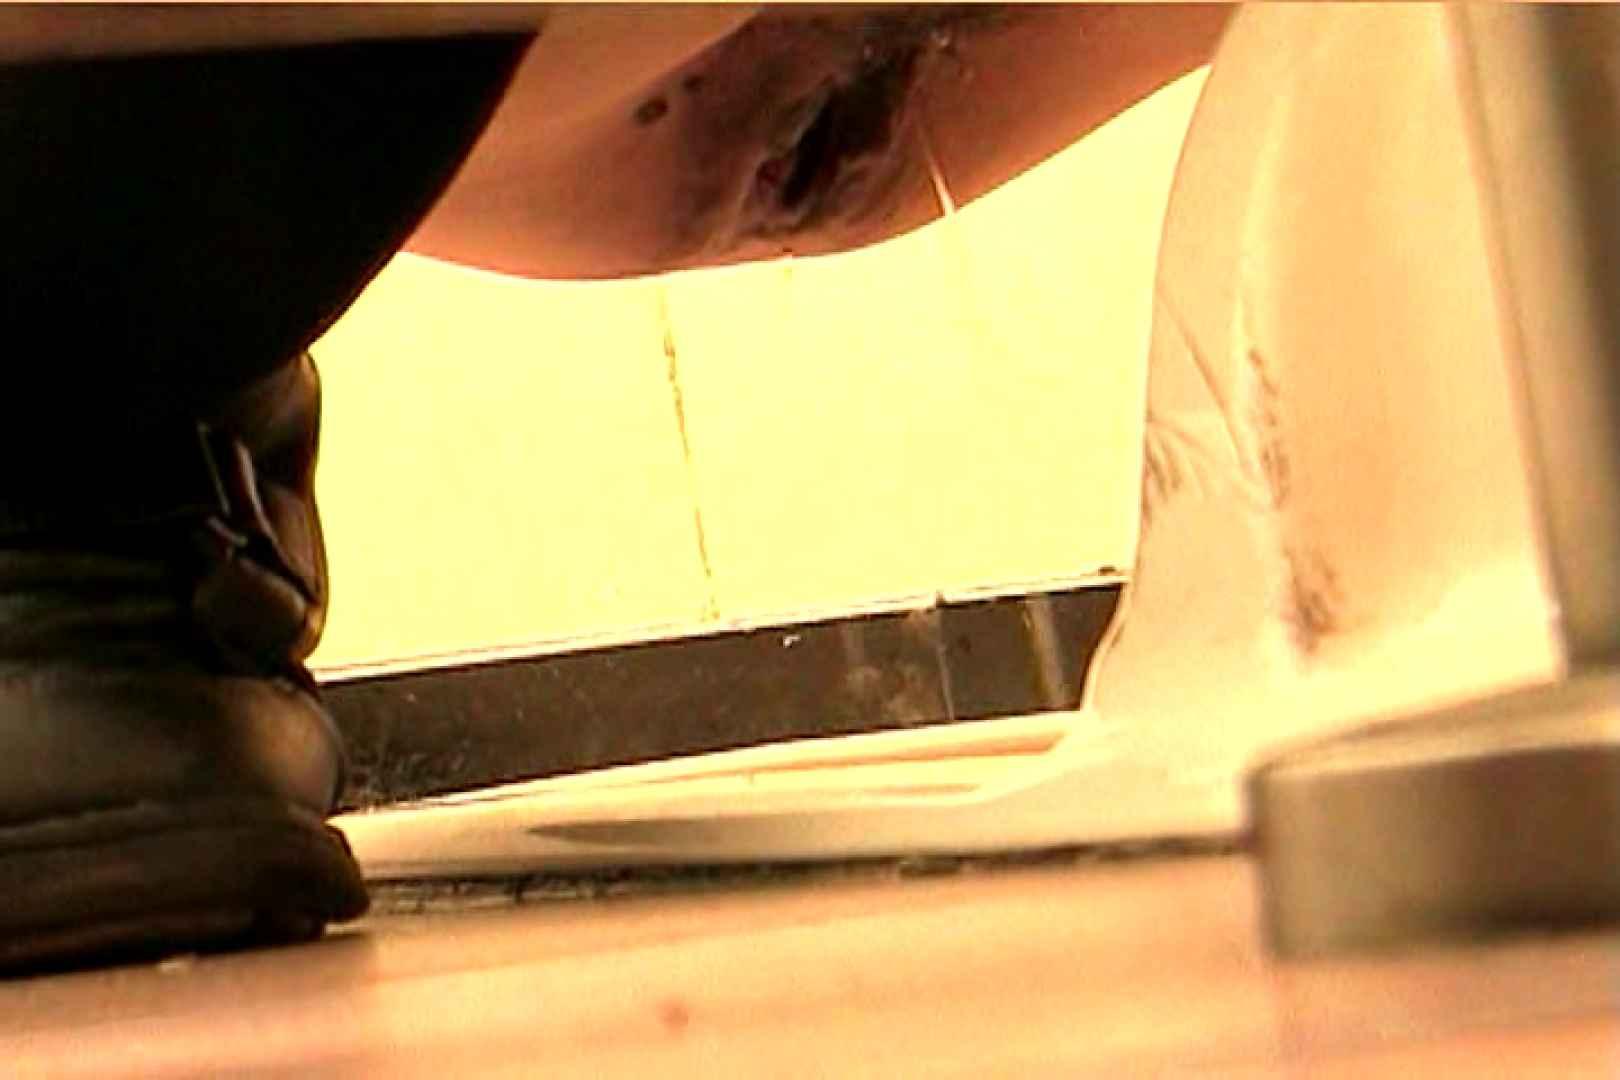 マンコ丸見え女子洗面所Vol.43 マンコ・ムレムレ | 美しいOLの裸体  77pic 49